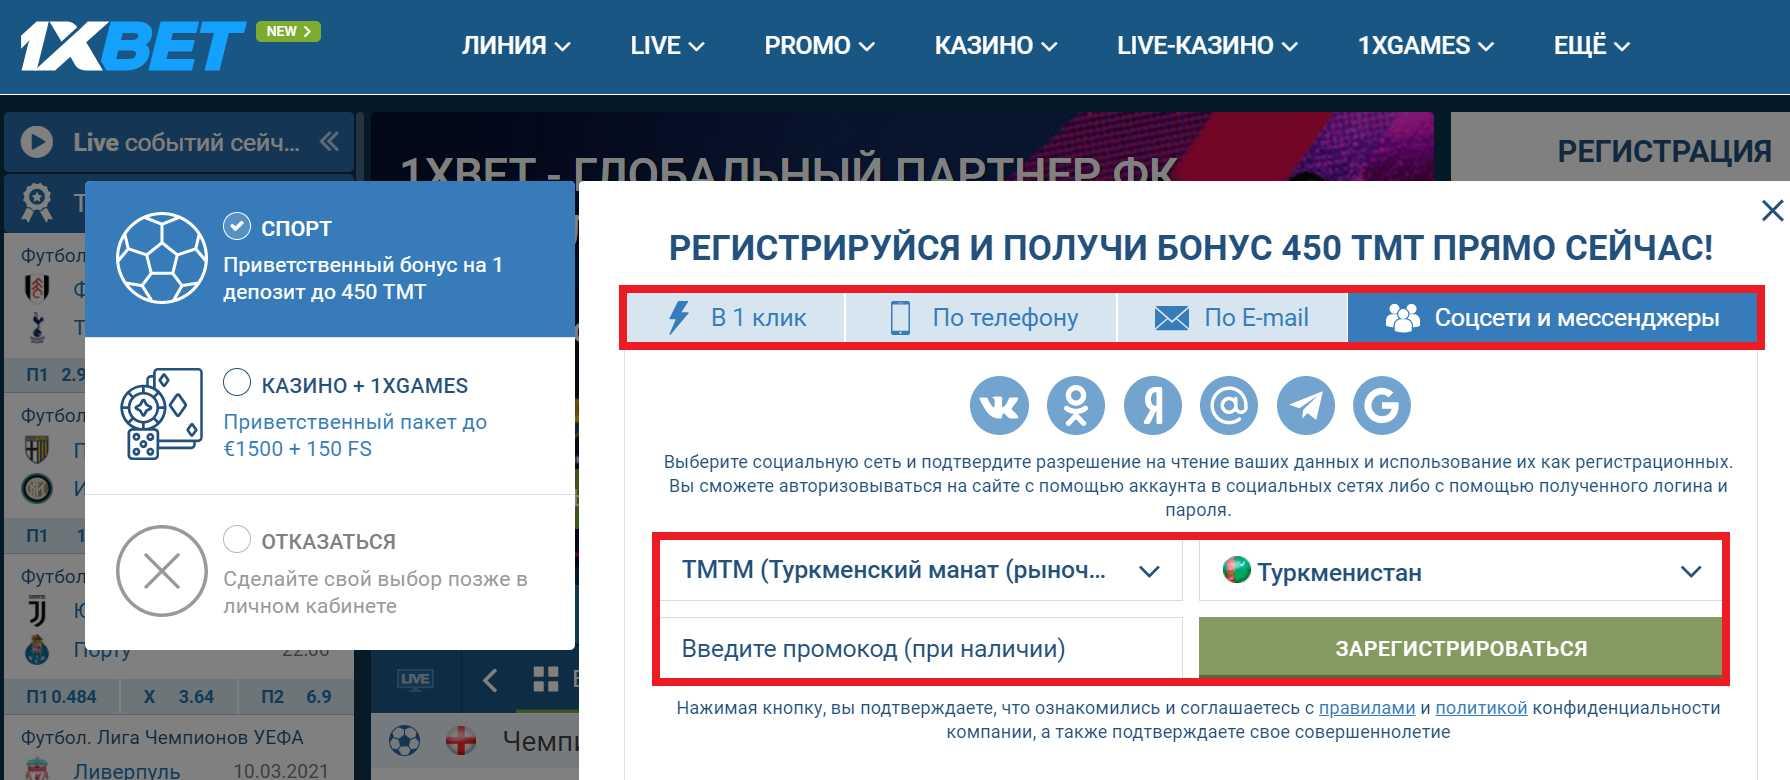 Вход 1xBet: регистрация через социальные сети